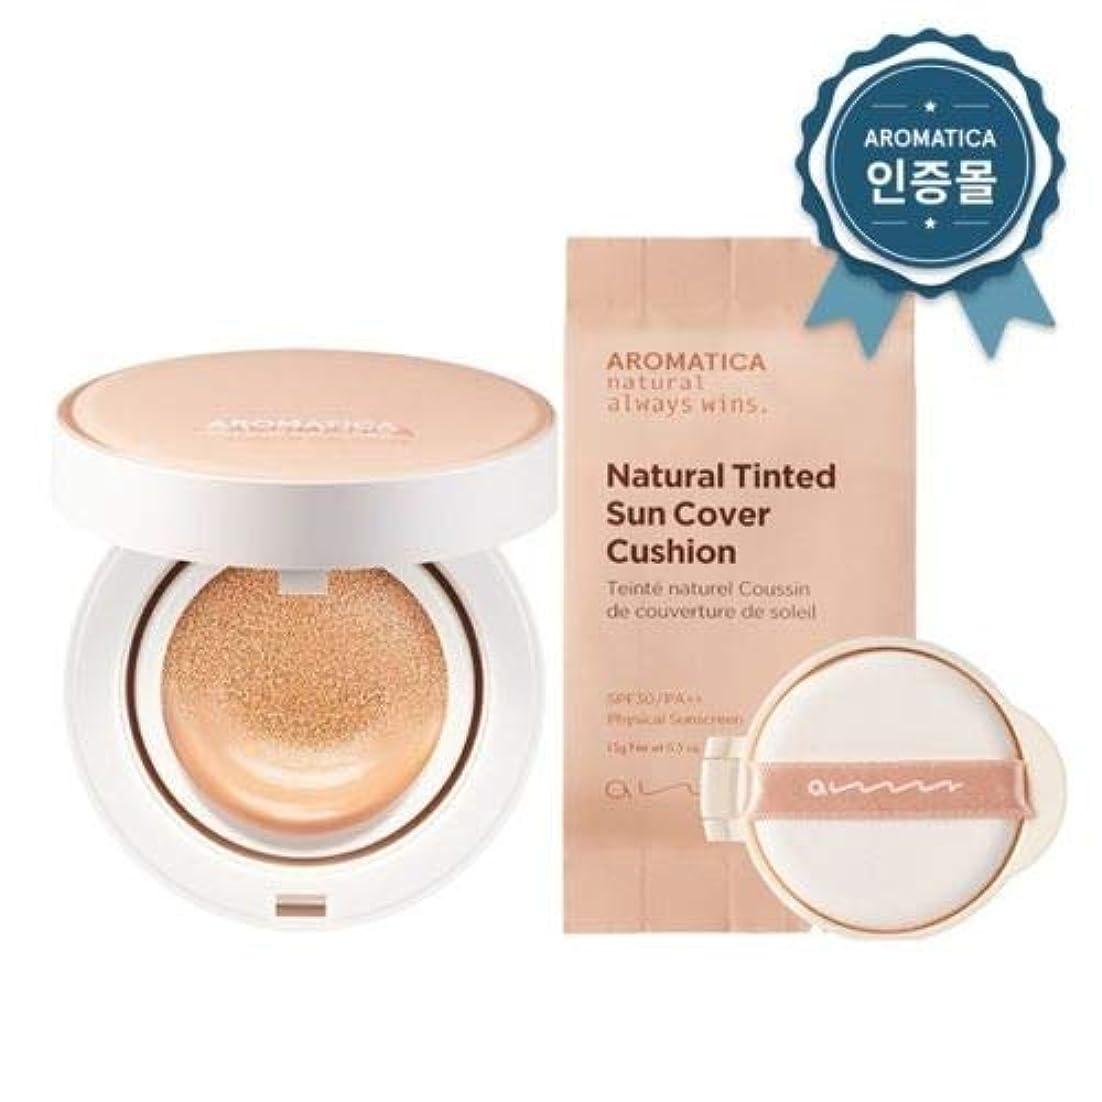 レザー正確レオナルドダAROMATICA アロマティカ Natural Tinted Sun Cover Cushion サンクッション 本品15g + リフィール15g (ナチュラルベージュ)